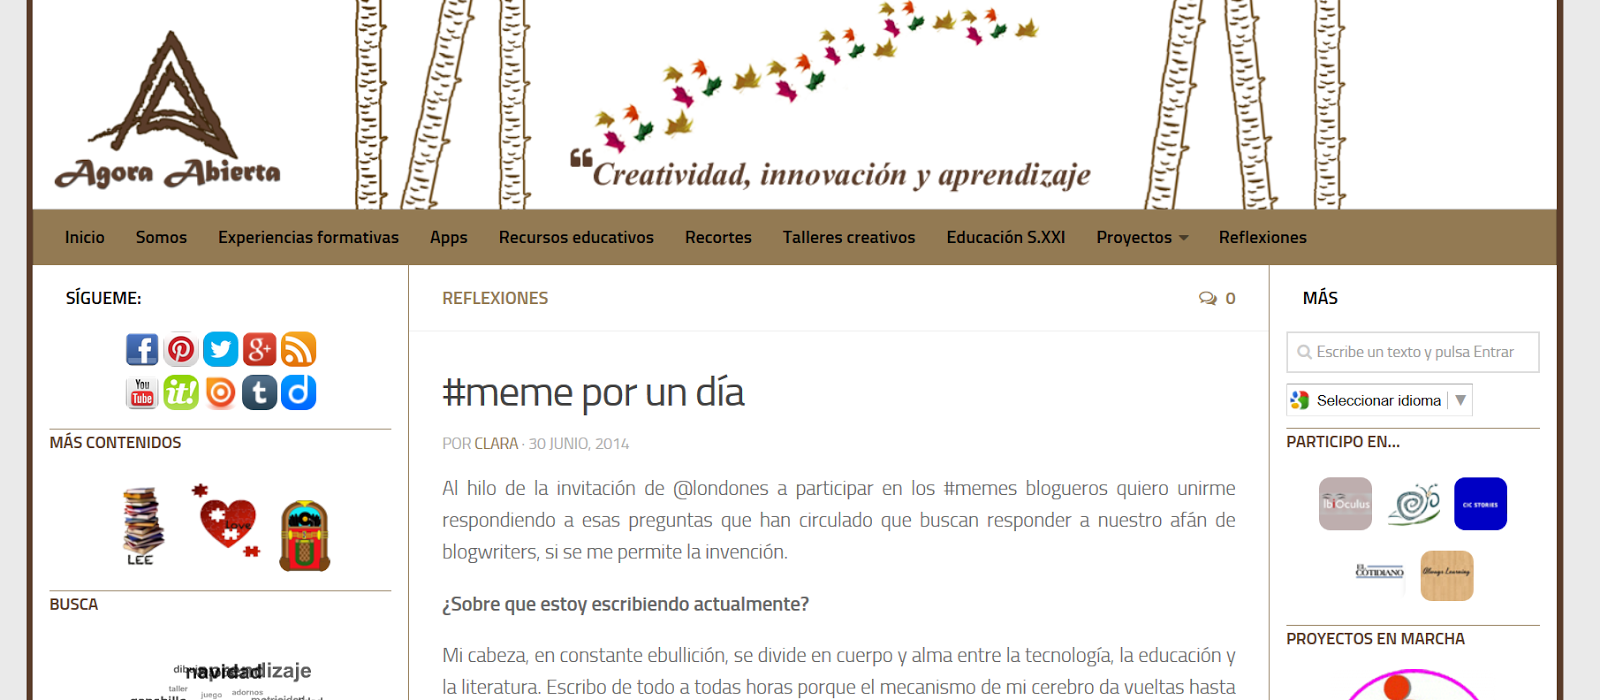 http://www.agorabierta.com/2014/06/meme-por-un-dia/